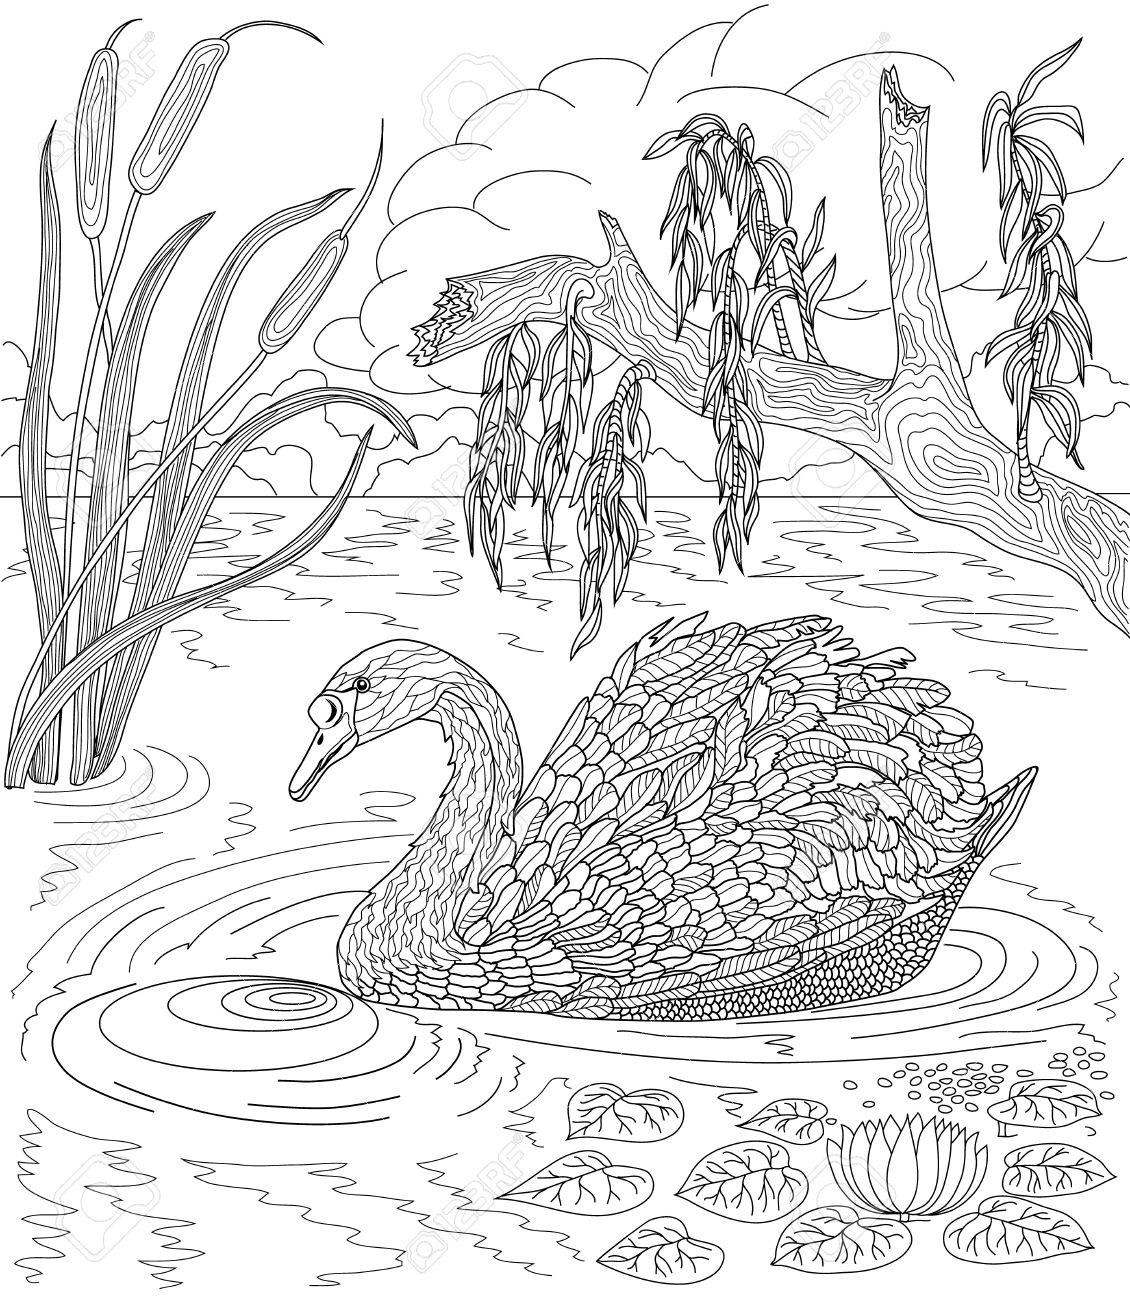 lake taupo coloring, download lake taupo coloring for free